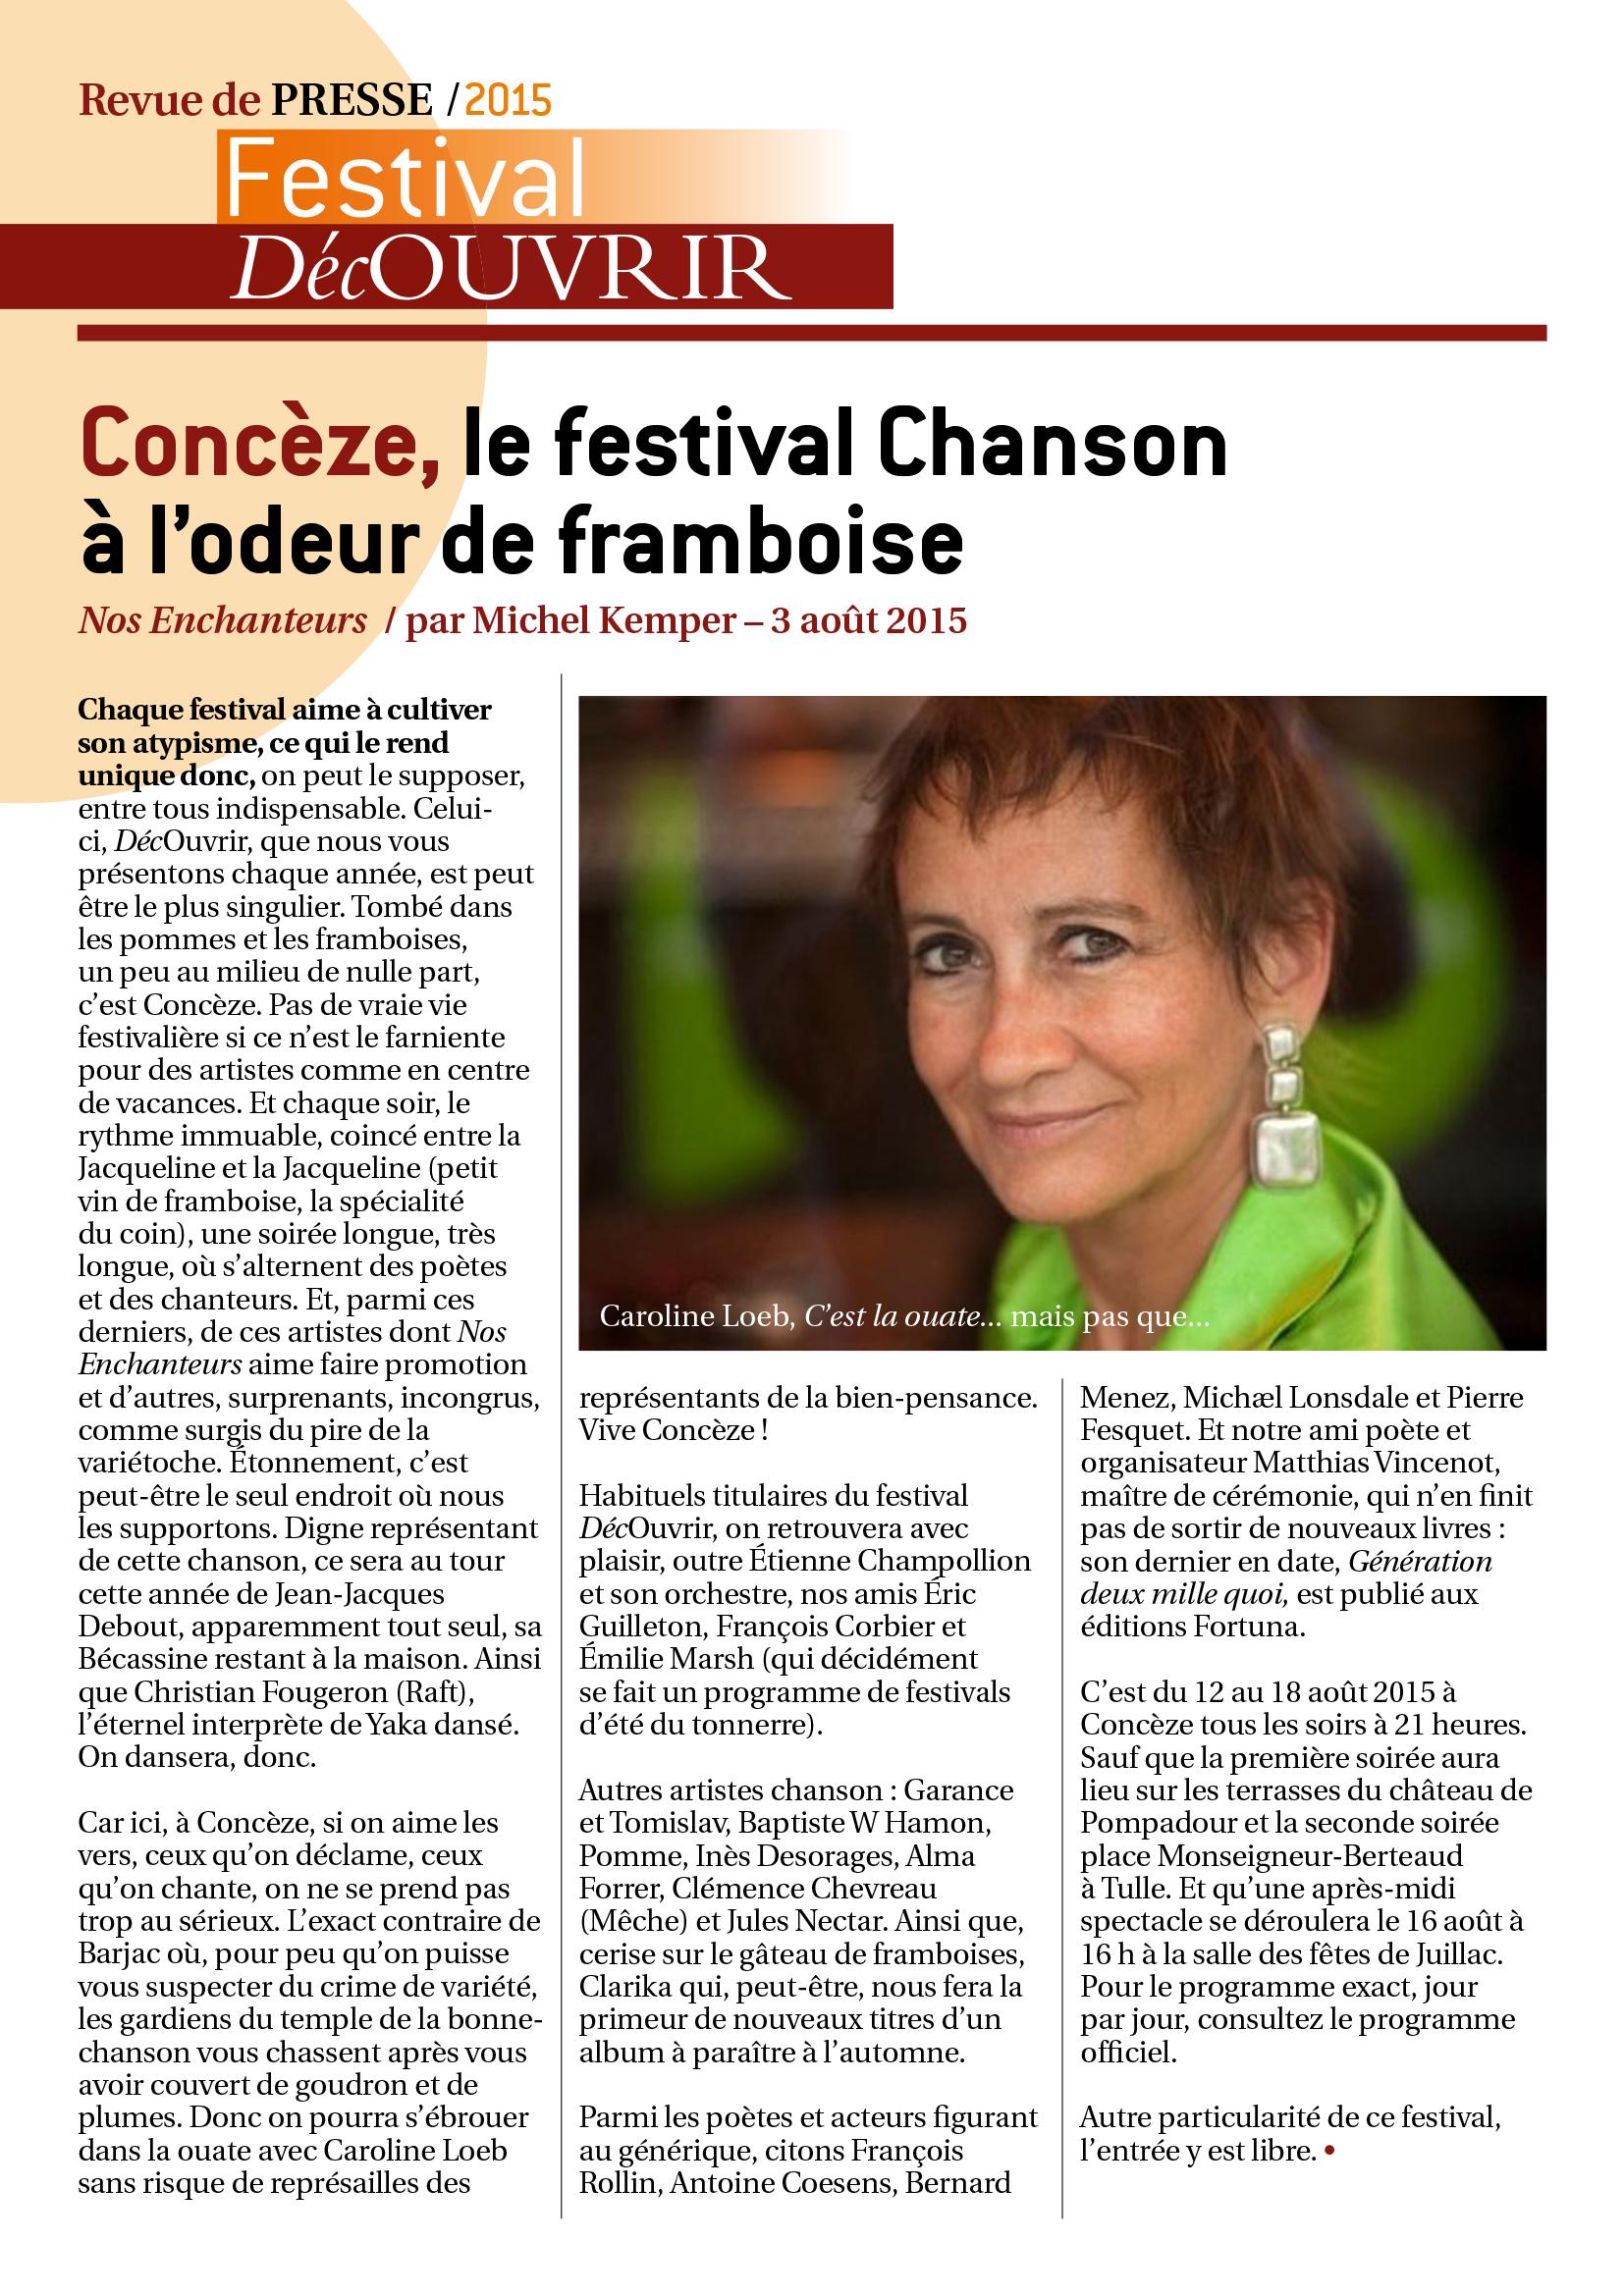 Revue de Presse FDC 2015-3